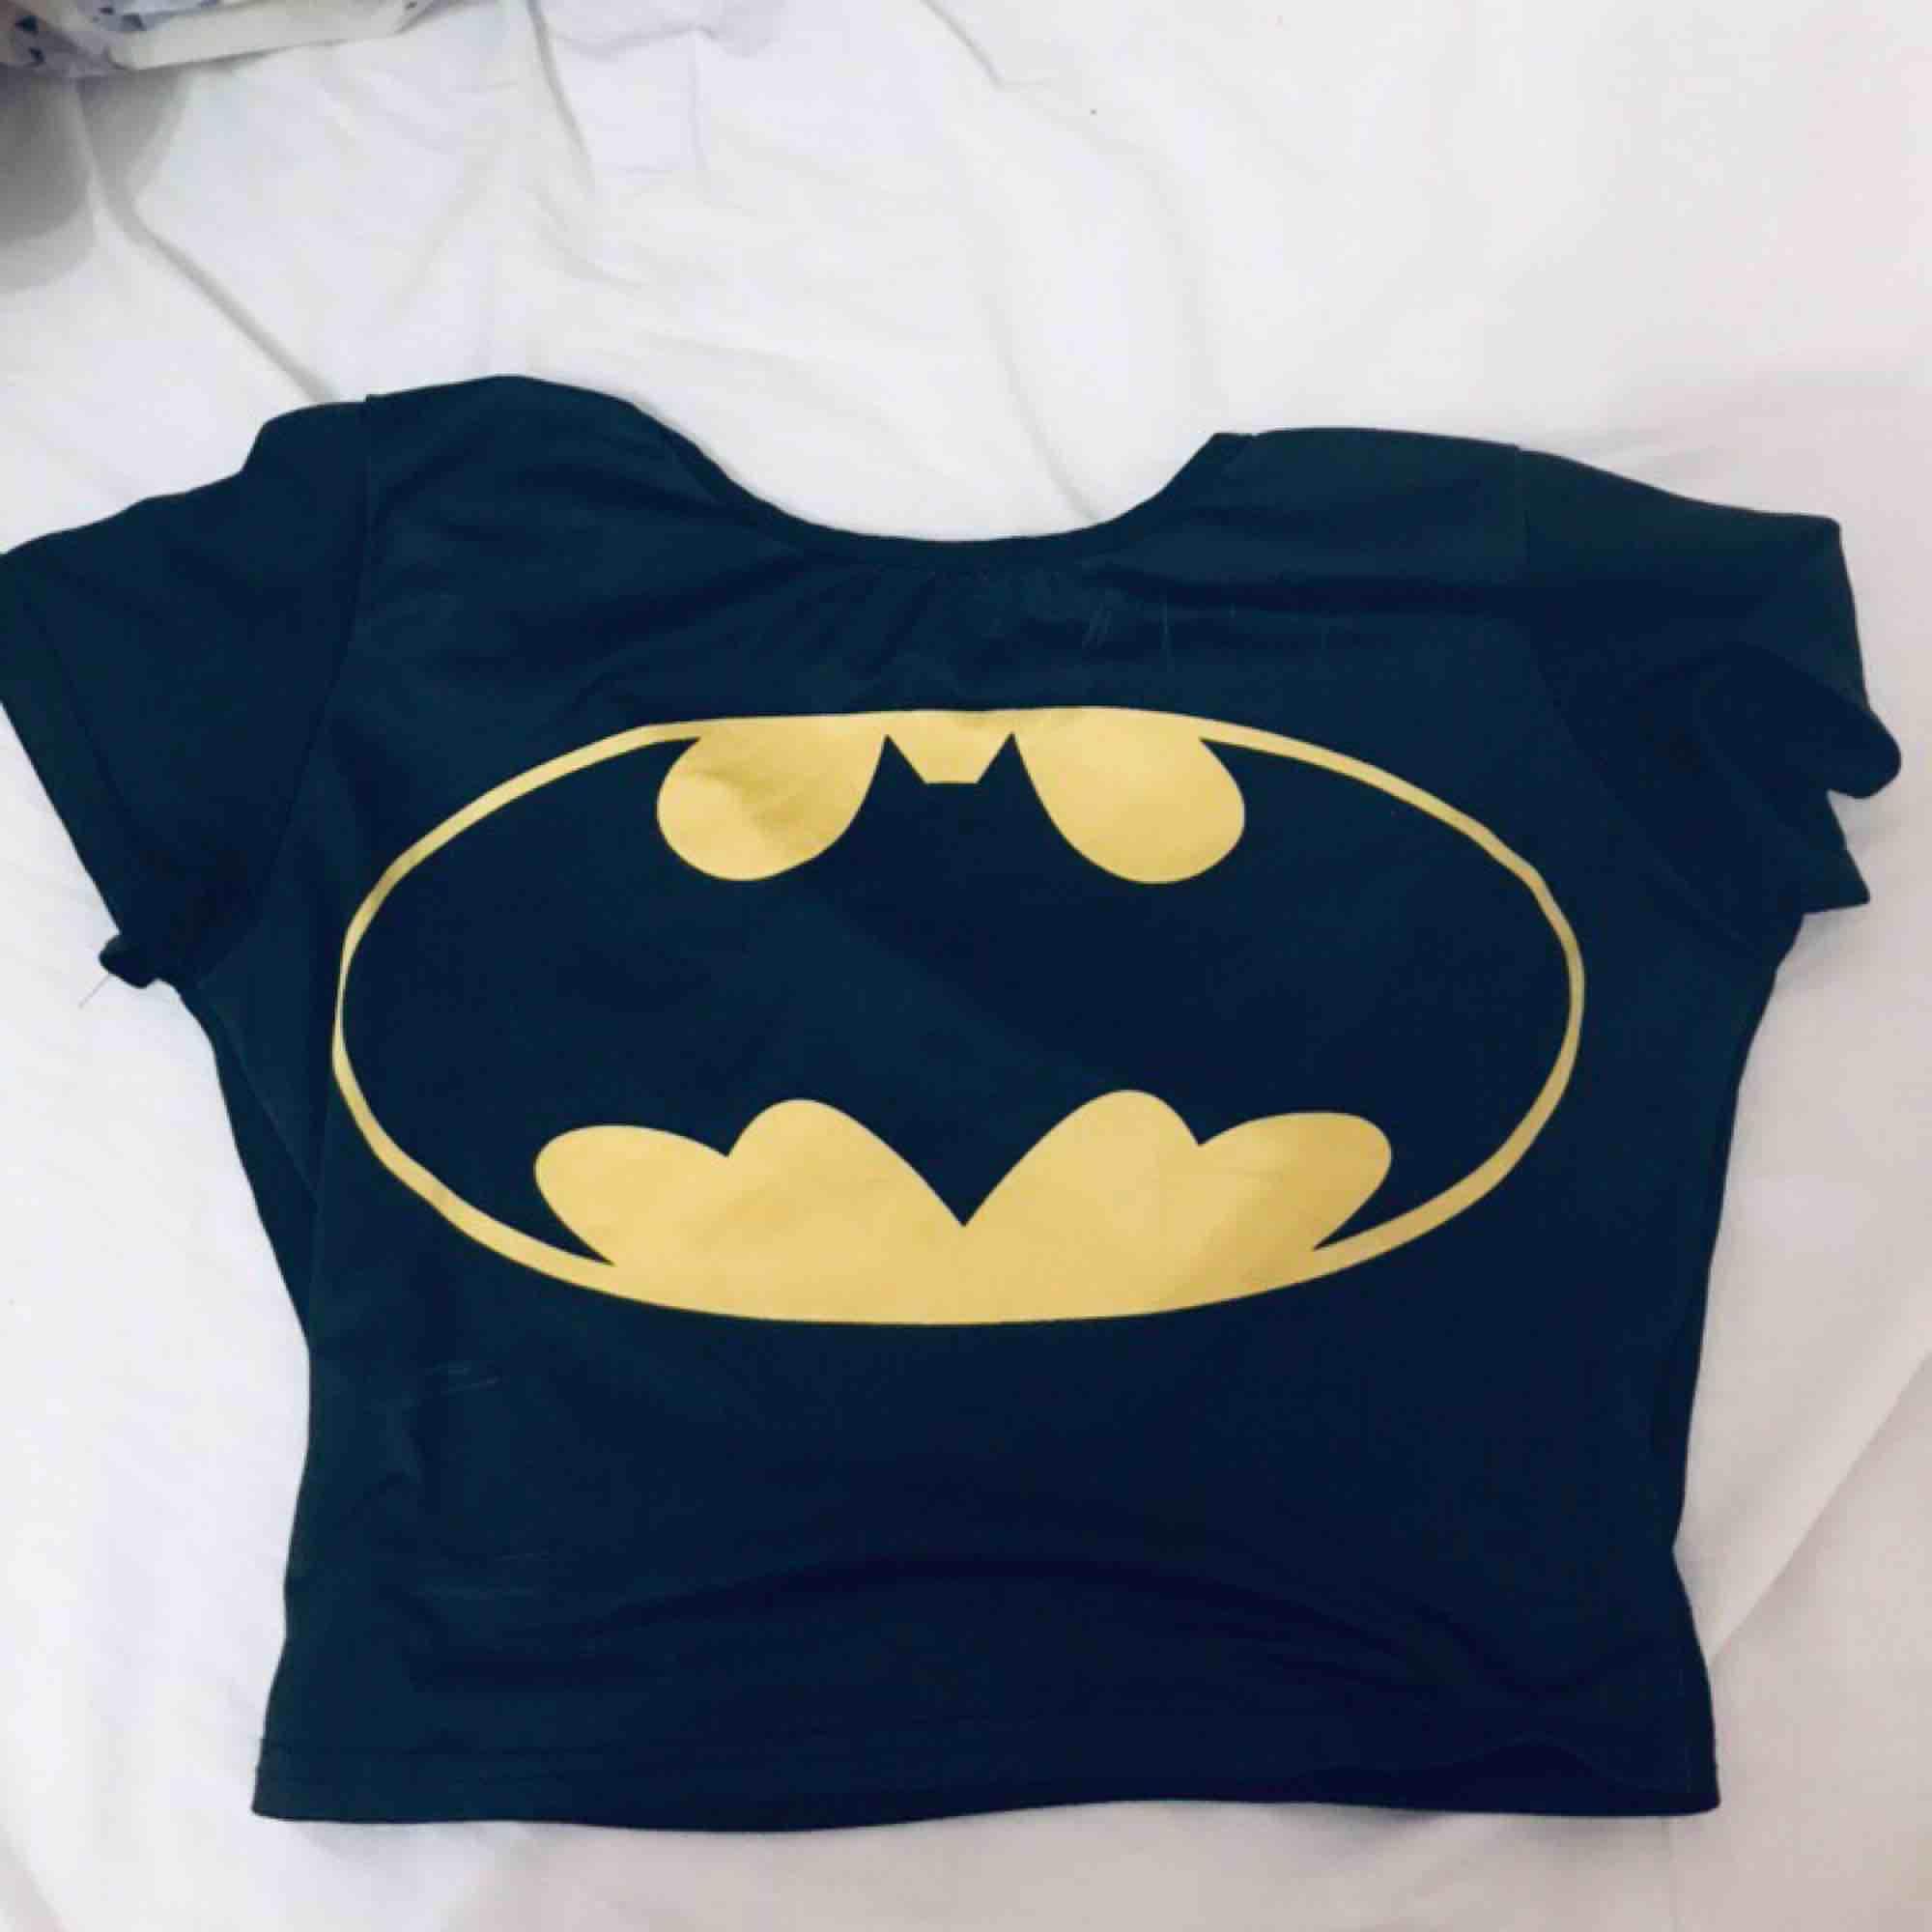 Batmantröja Xs/s Bra skick Från wish så inte bästa materialet men snygg och hållbar. Toppar.